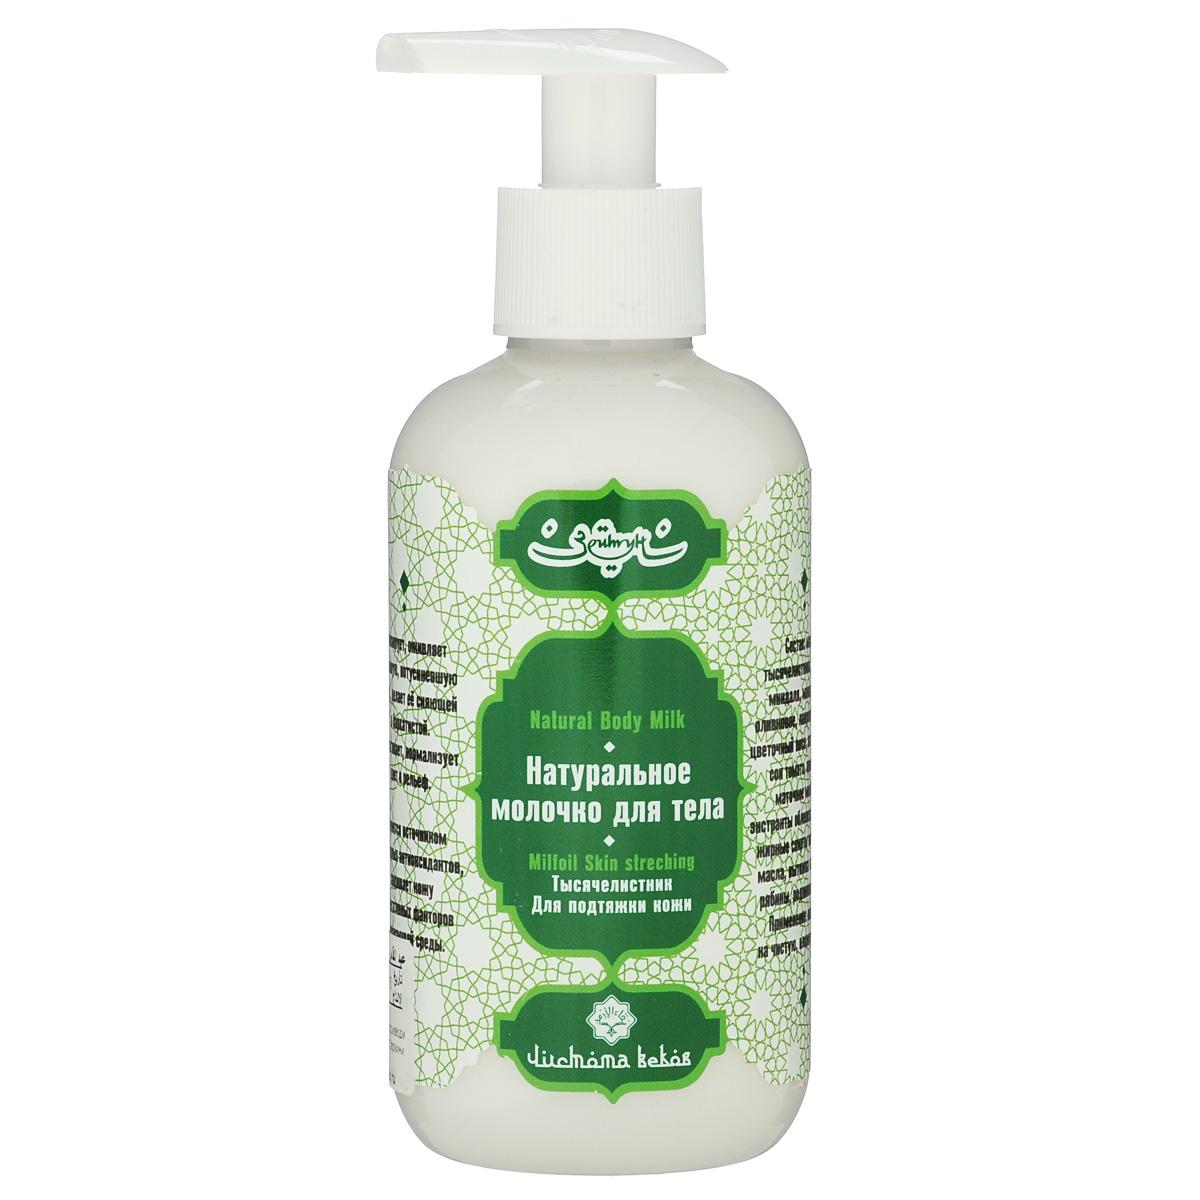 Зейтун Молочко для тела Тысячелистник, 200 млZ1407Тонизирует, оживляет уставшую, потускневшую кожу, делает её сияющей и бархатистой. Подтягивает, нормализует цвет и рельеф. Является источником природных антиоксидантов, защищает кожу от негативных факторов окружающей среды.